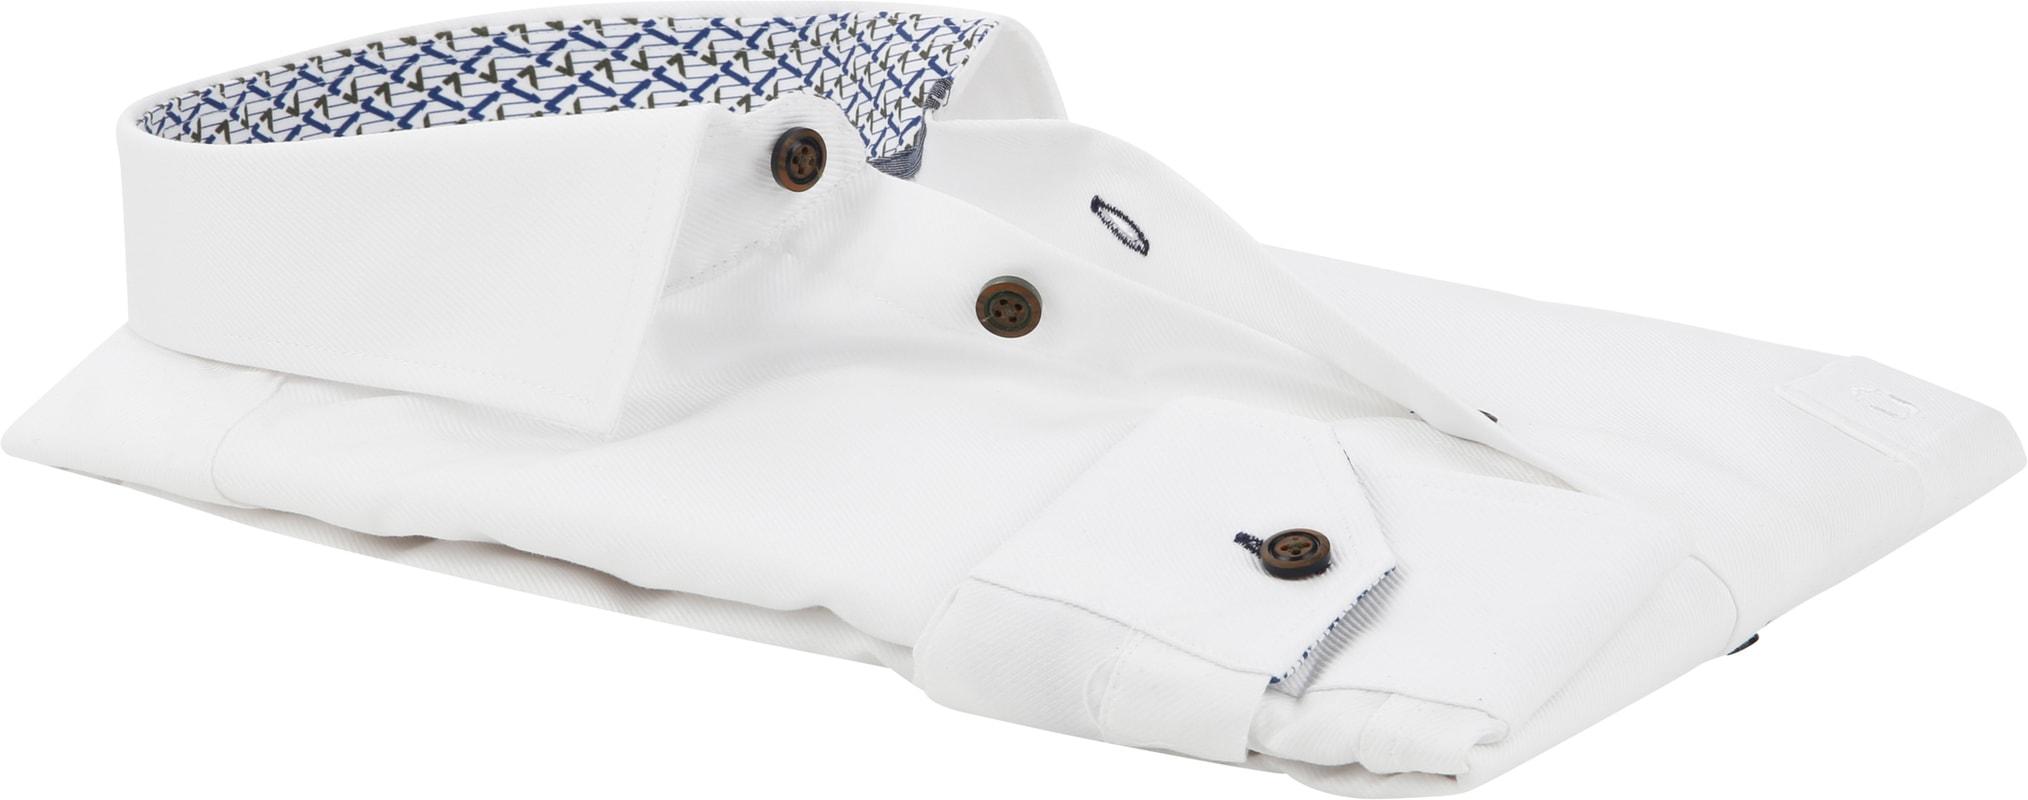 Ledub Shirt MF Dessin White photo 3